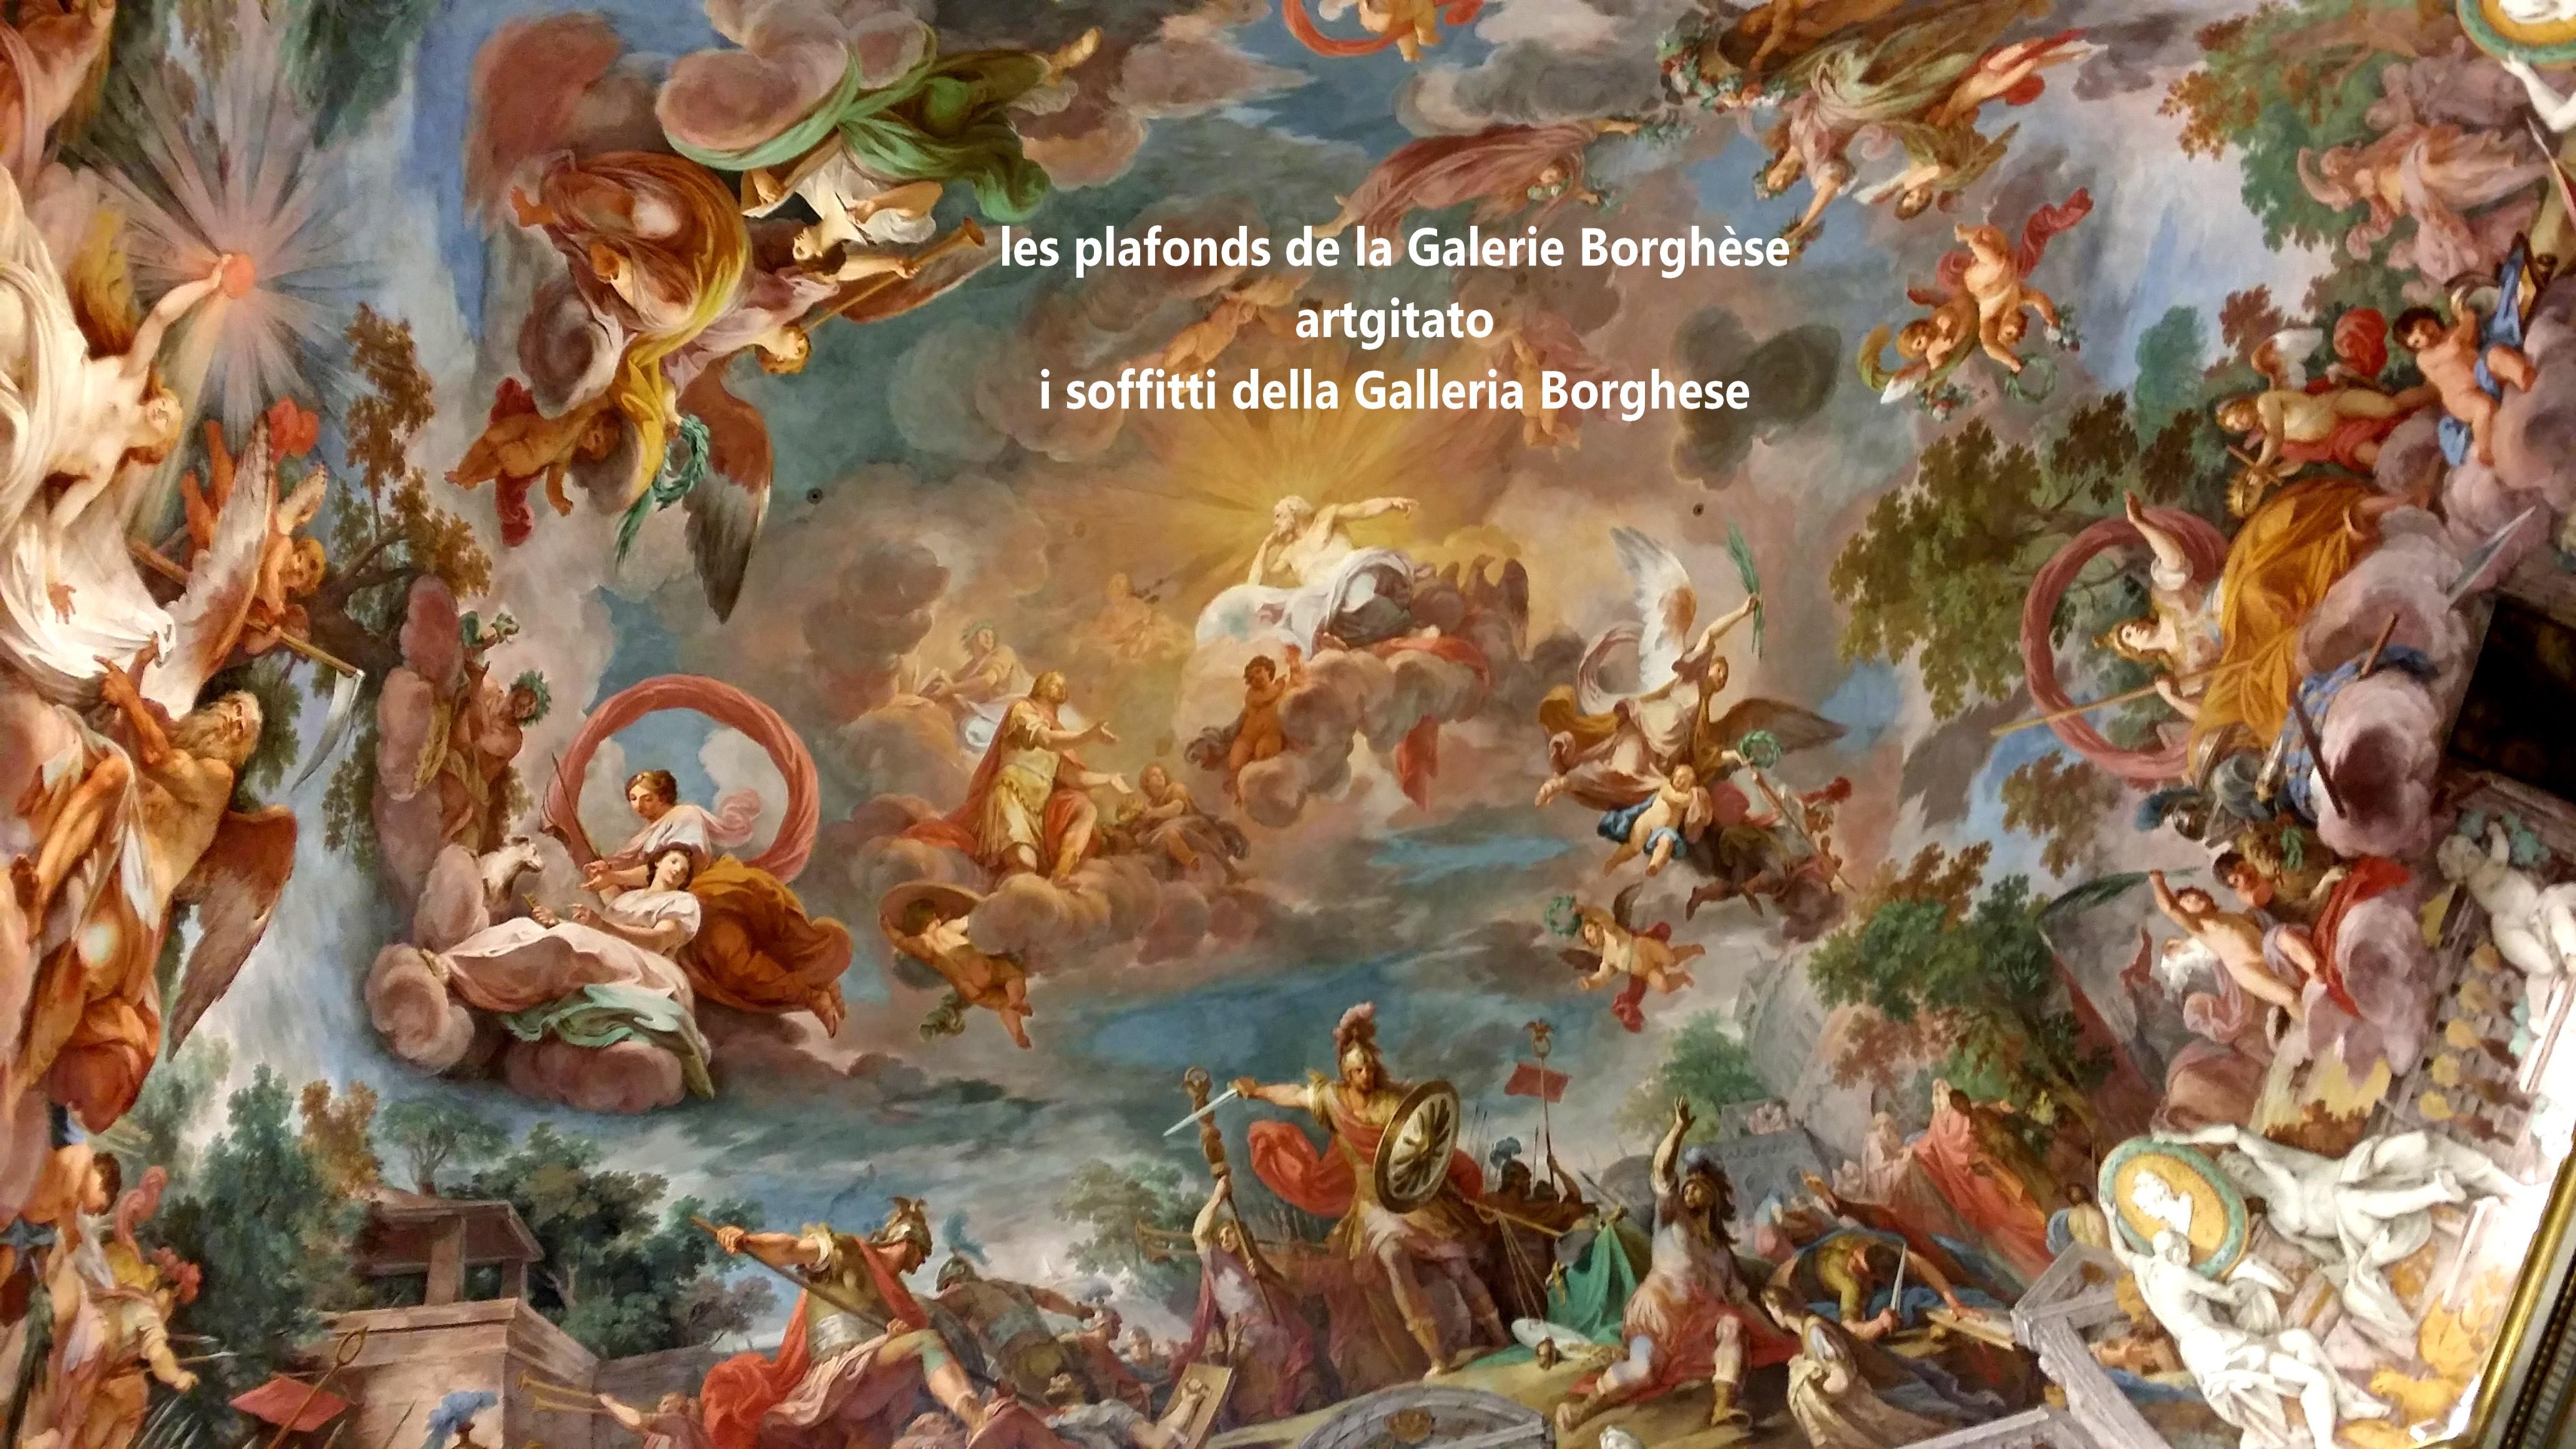 Les plafonds de la galerie borgh se i soffitti della galleria borghese artgitato - Salle de l esprit et du temps ...